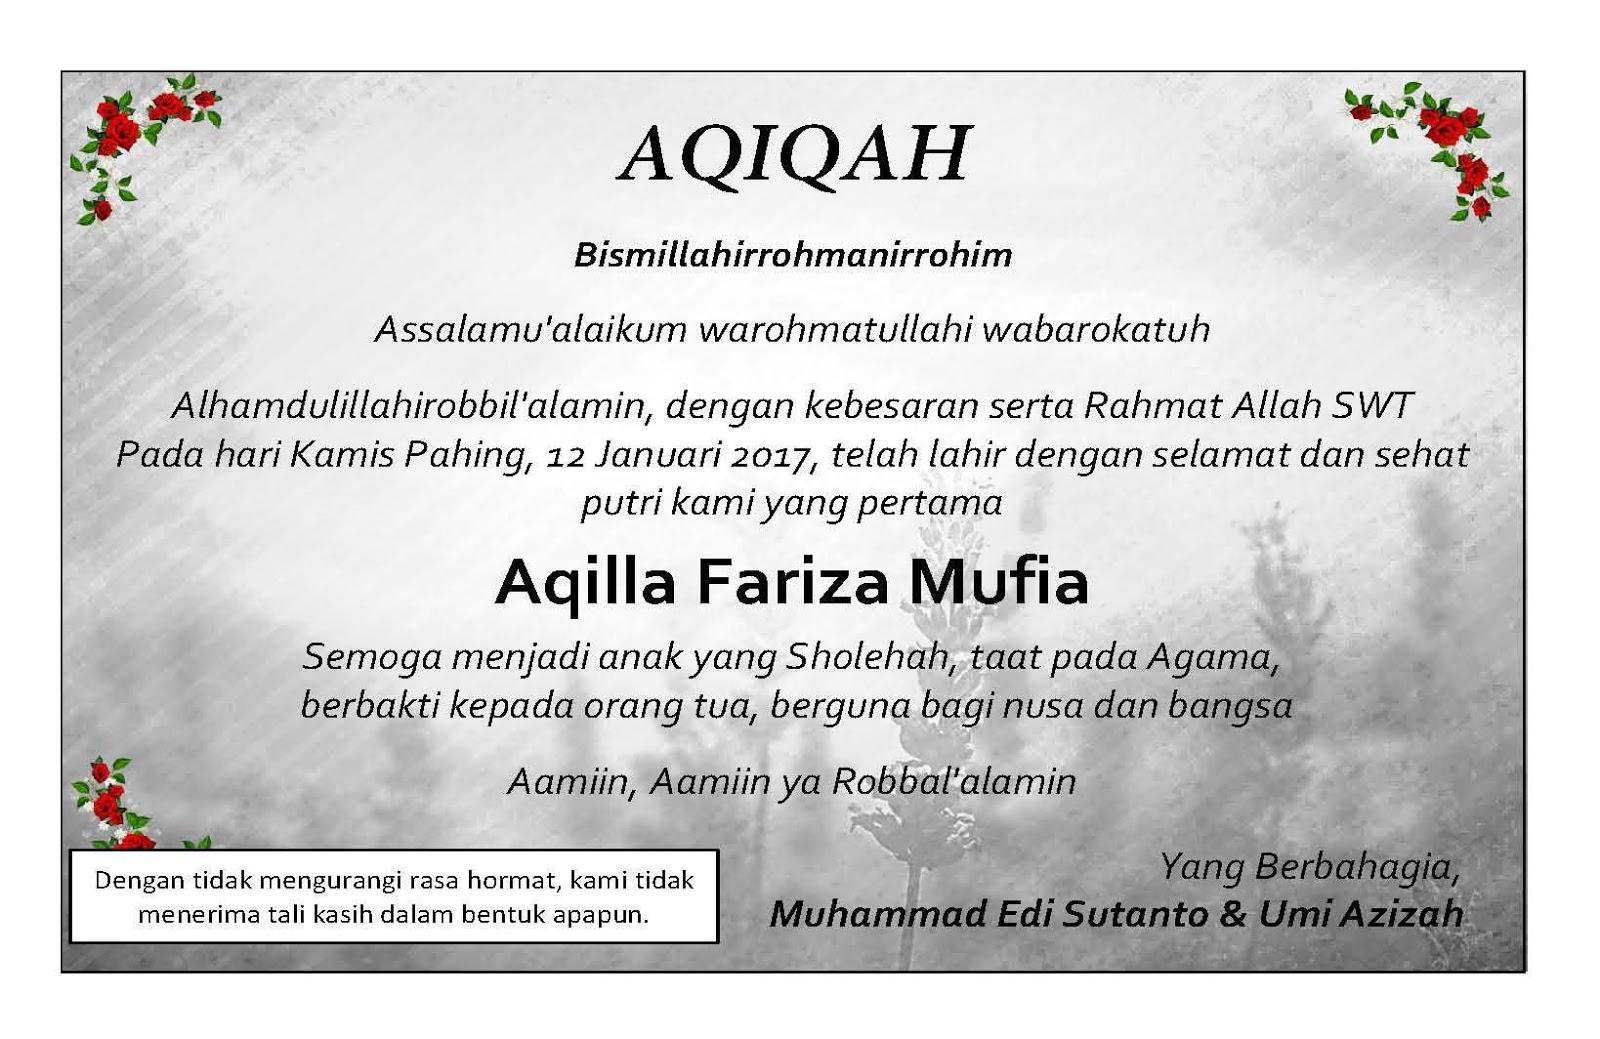 Unduh 83 Background Kosong Undangan Aqiqah Hd Gratis Download